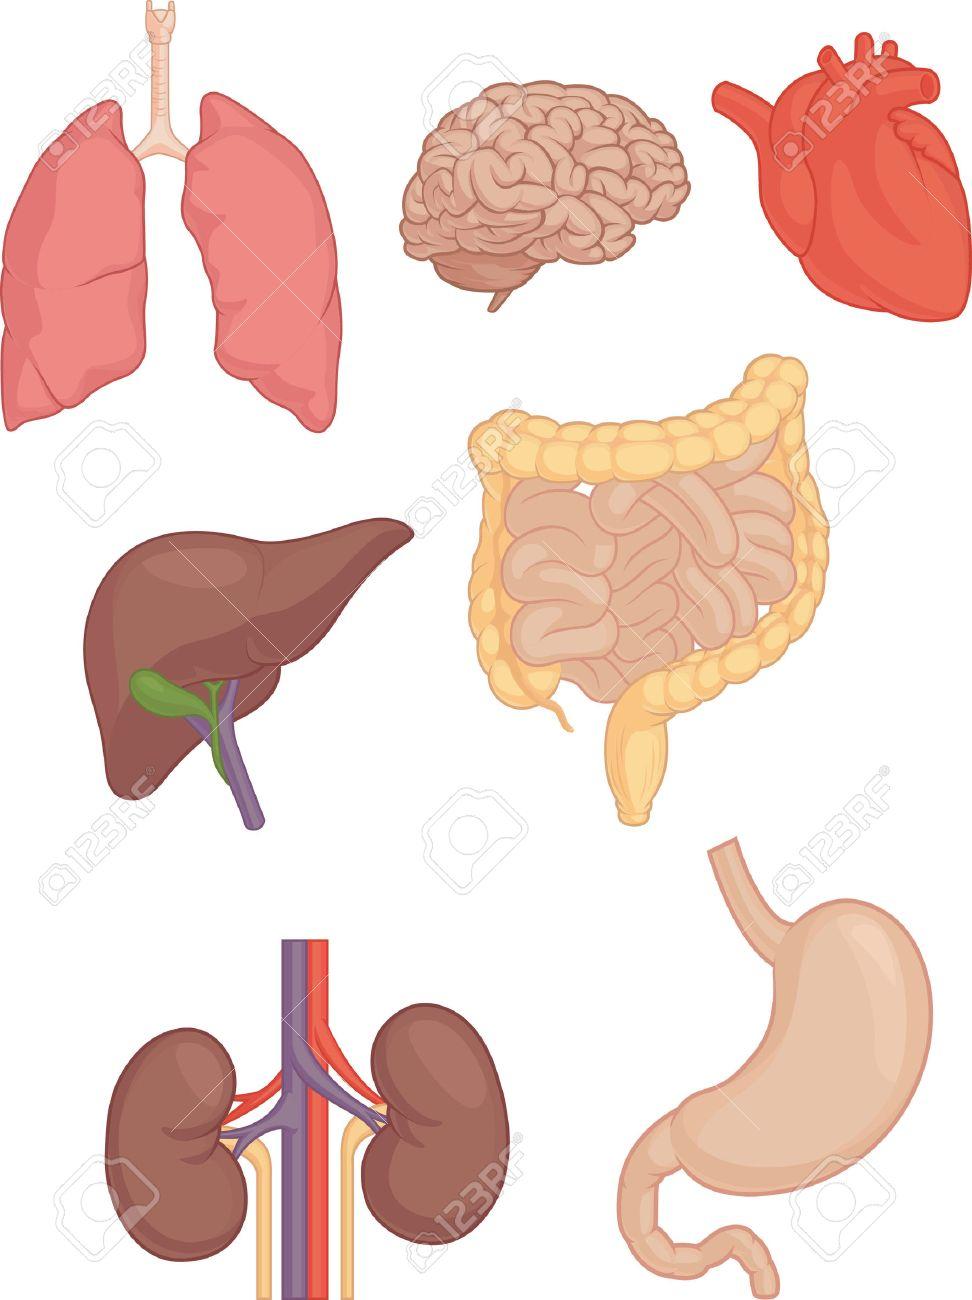 Partes Del Cuerpo Humano - Cerebro, Pulmón, Corazón, Hígado ...